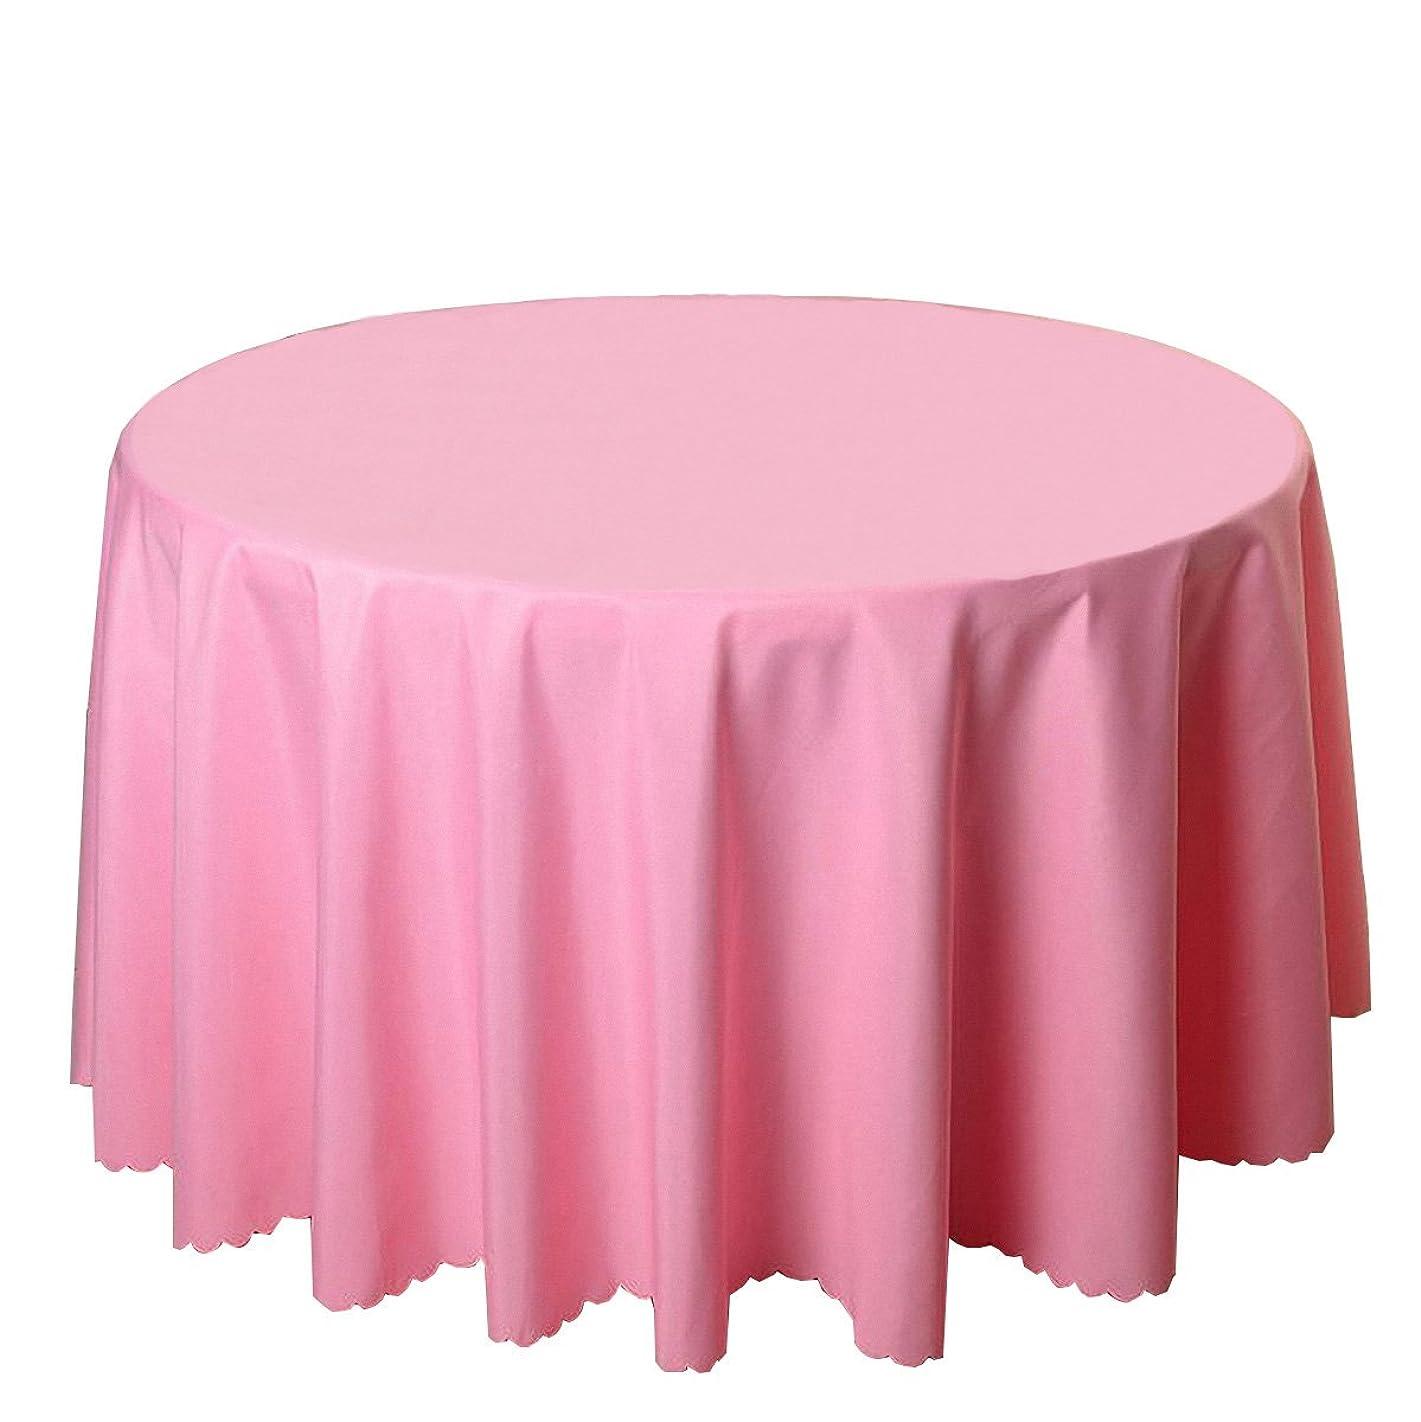 老人ヘビ簿記係ヨーロッパ人 クラシック テーブルクロス、 円形 テーブルクロス、 ピュア 色、 ポリエステル テーブルクロス、 理想的 ために つかいます に ザ ホーム、 キッチン、 ホテル (ピンク, テーブルサイズ2.0M)